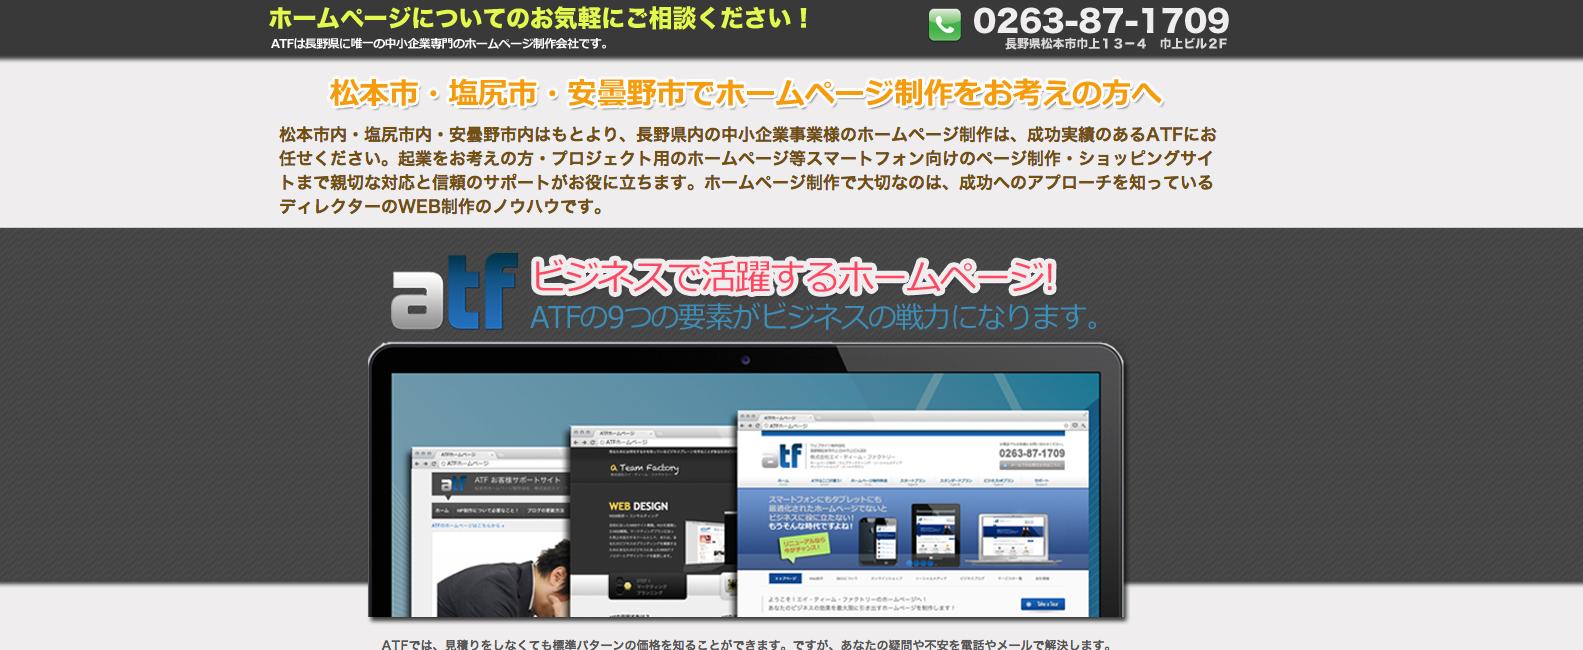 本市内・塩尻市内・安曇野市内はもとより、長野県内の中小企業事業様のホームページ制作